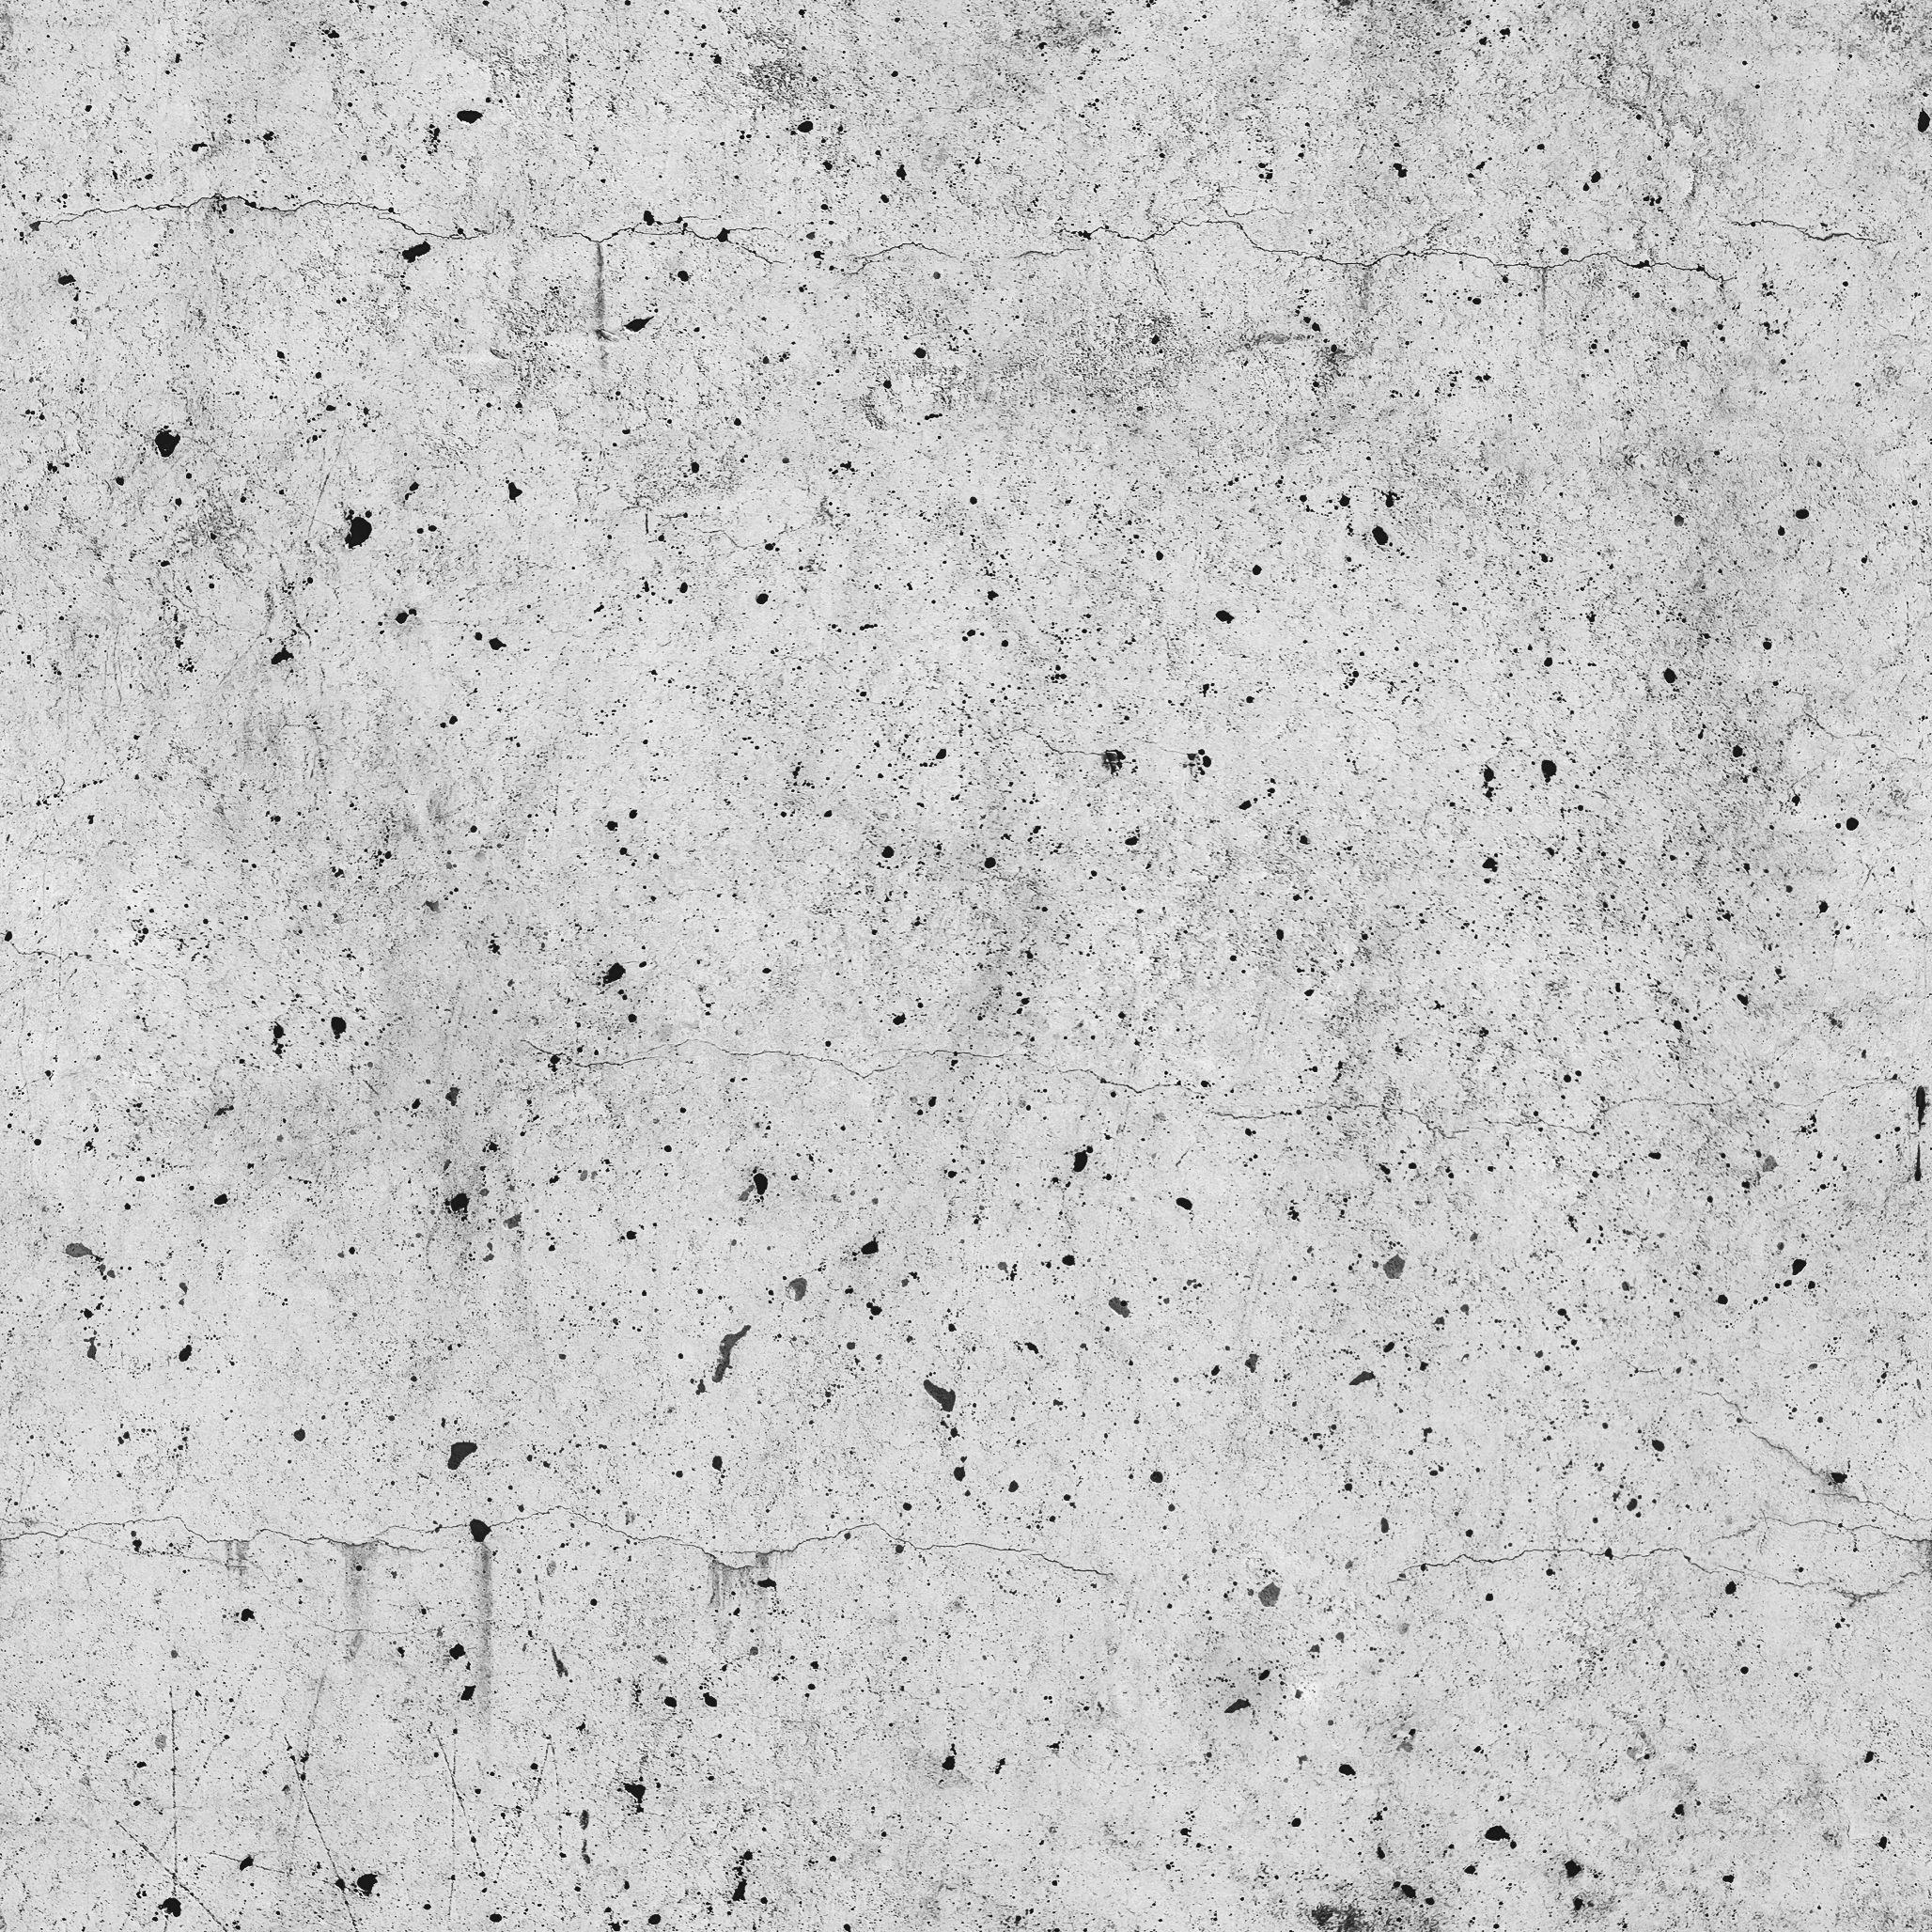 Concrete Texture Download original texture size | TEXTURE ...